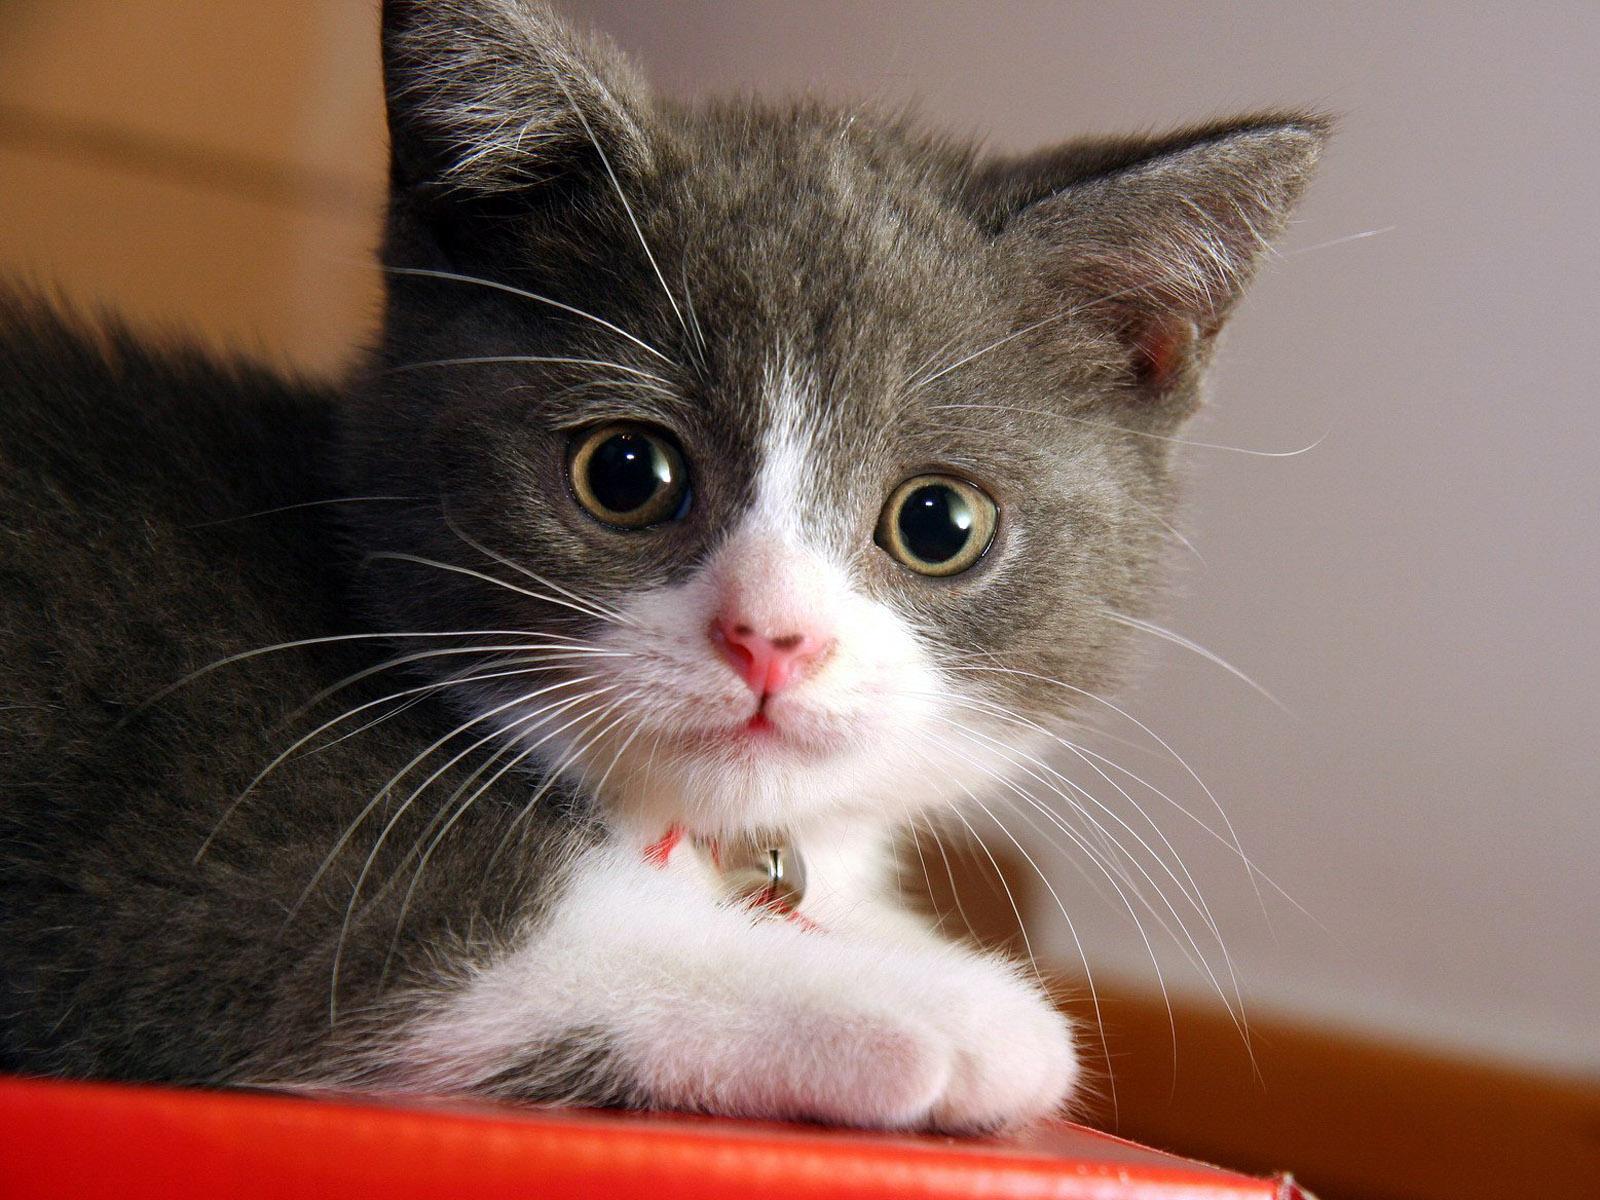 بالصور خلفيات قطط , صور قطط 3399 9